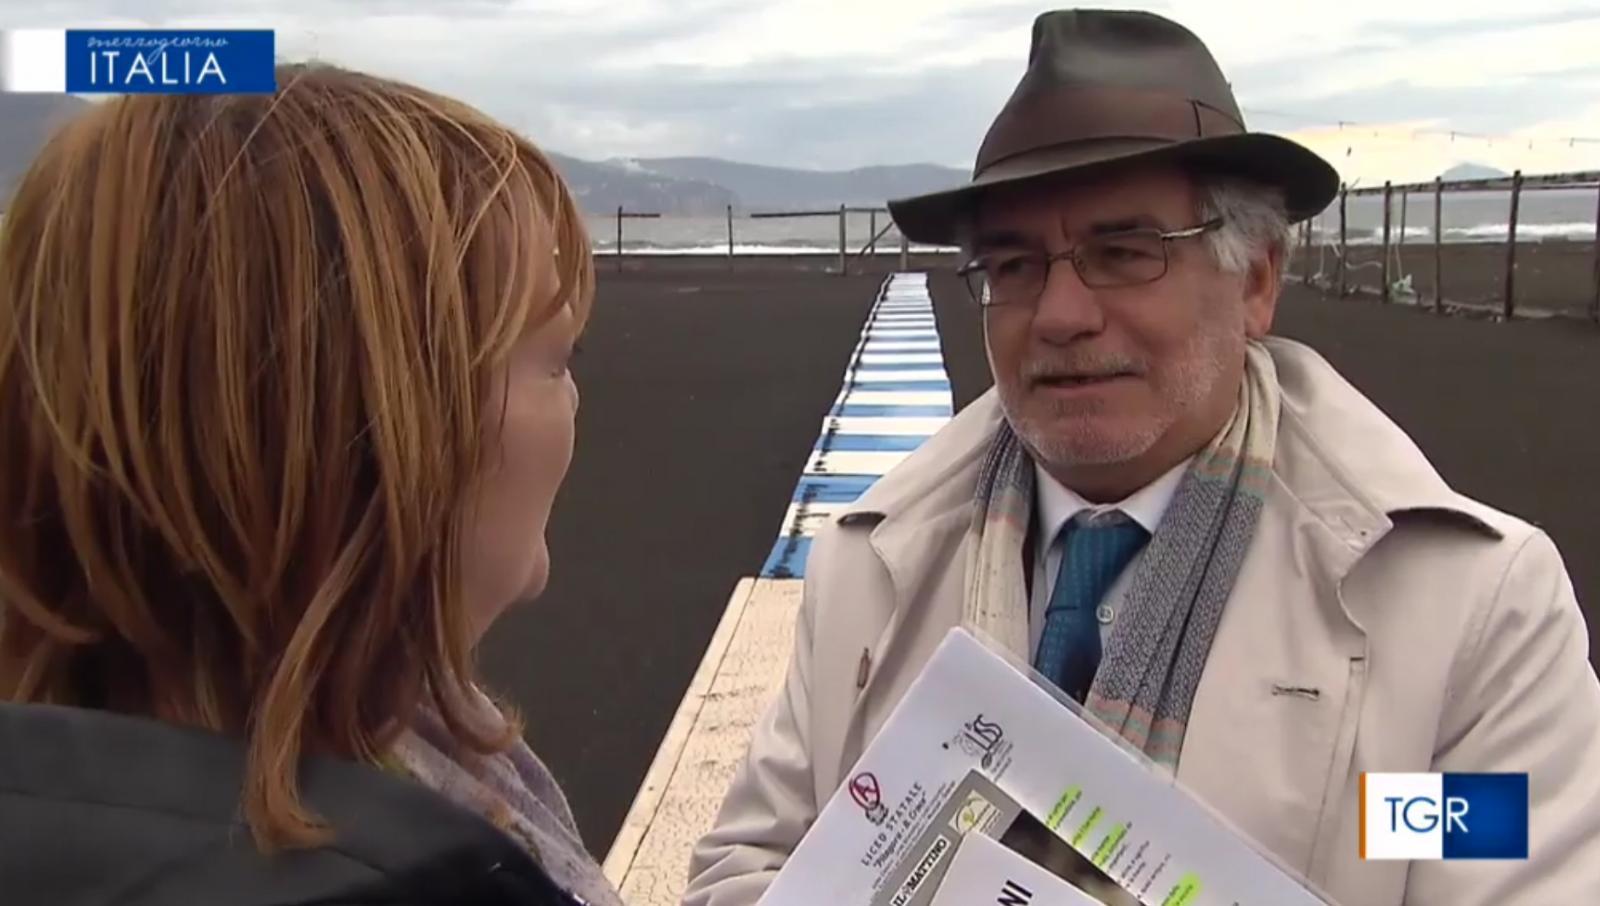 Torre Annunziata,  Mezzogiorno Italia Rai3, le interviste